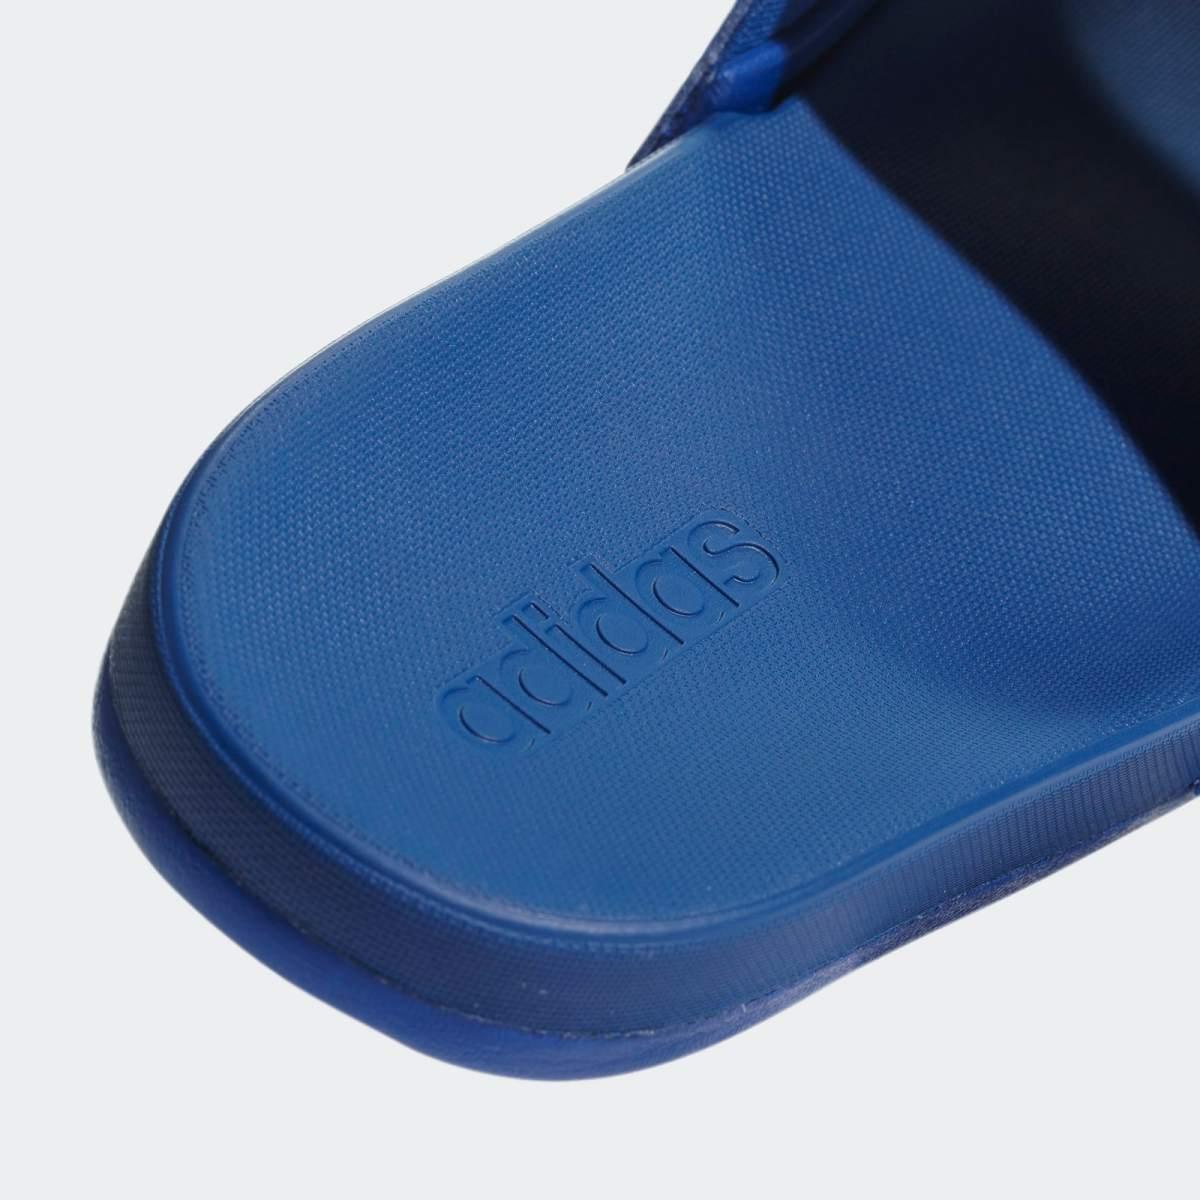 Adilette_Comfort_Slides_Blue_B42208_41_detail